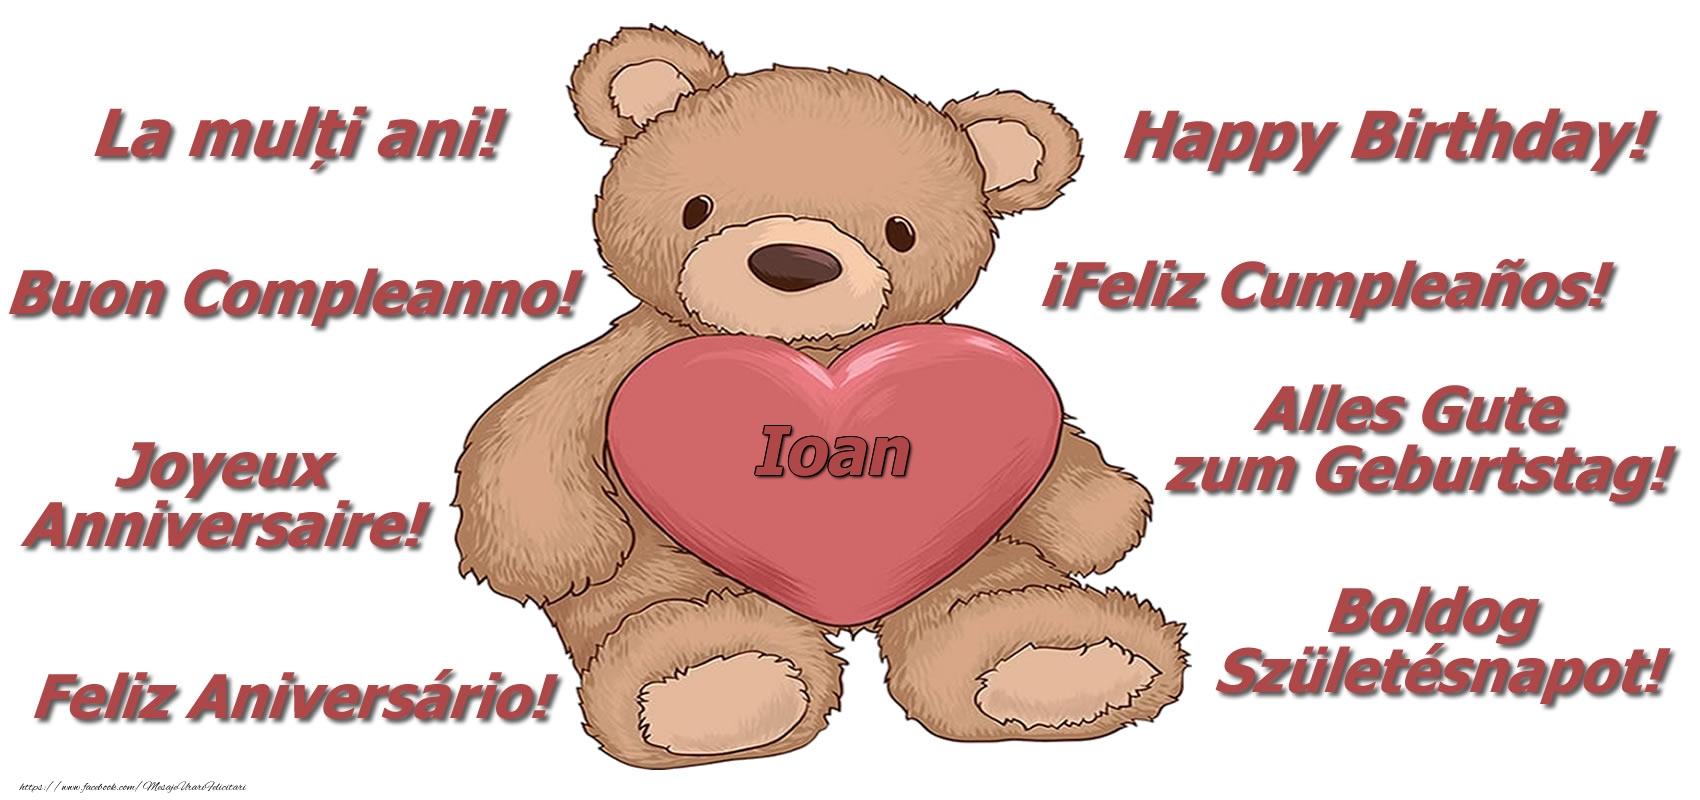 Felicitari de zi de nastere - La multi ani Ioan! - Ursulet